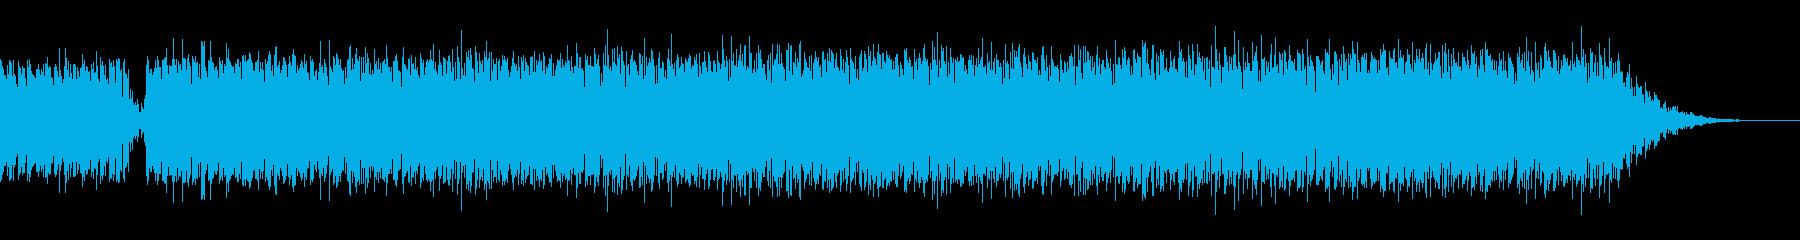 ジングルベルの4つ打ちダンス系シンプルの再生済みの波形